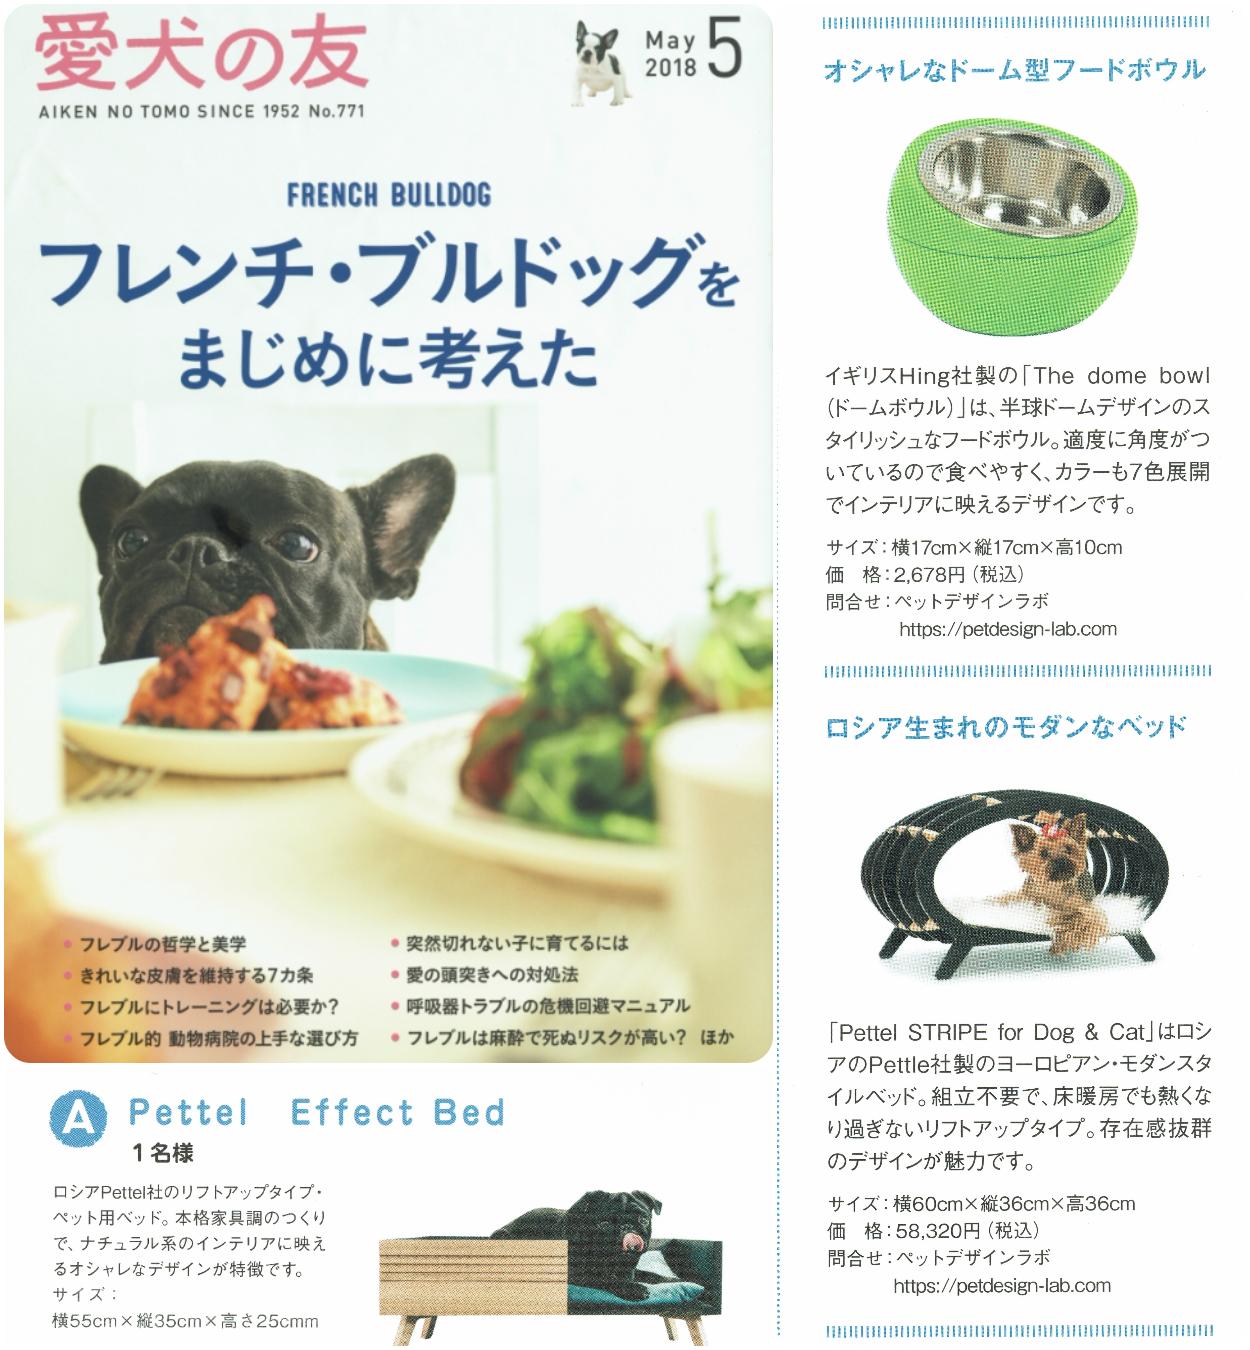 ペットデザインラボが愛犬の友5月号に掲載されました